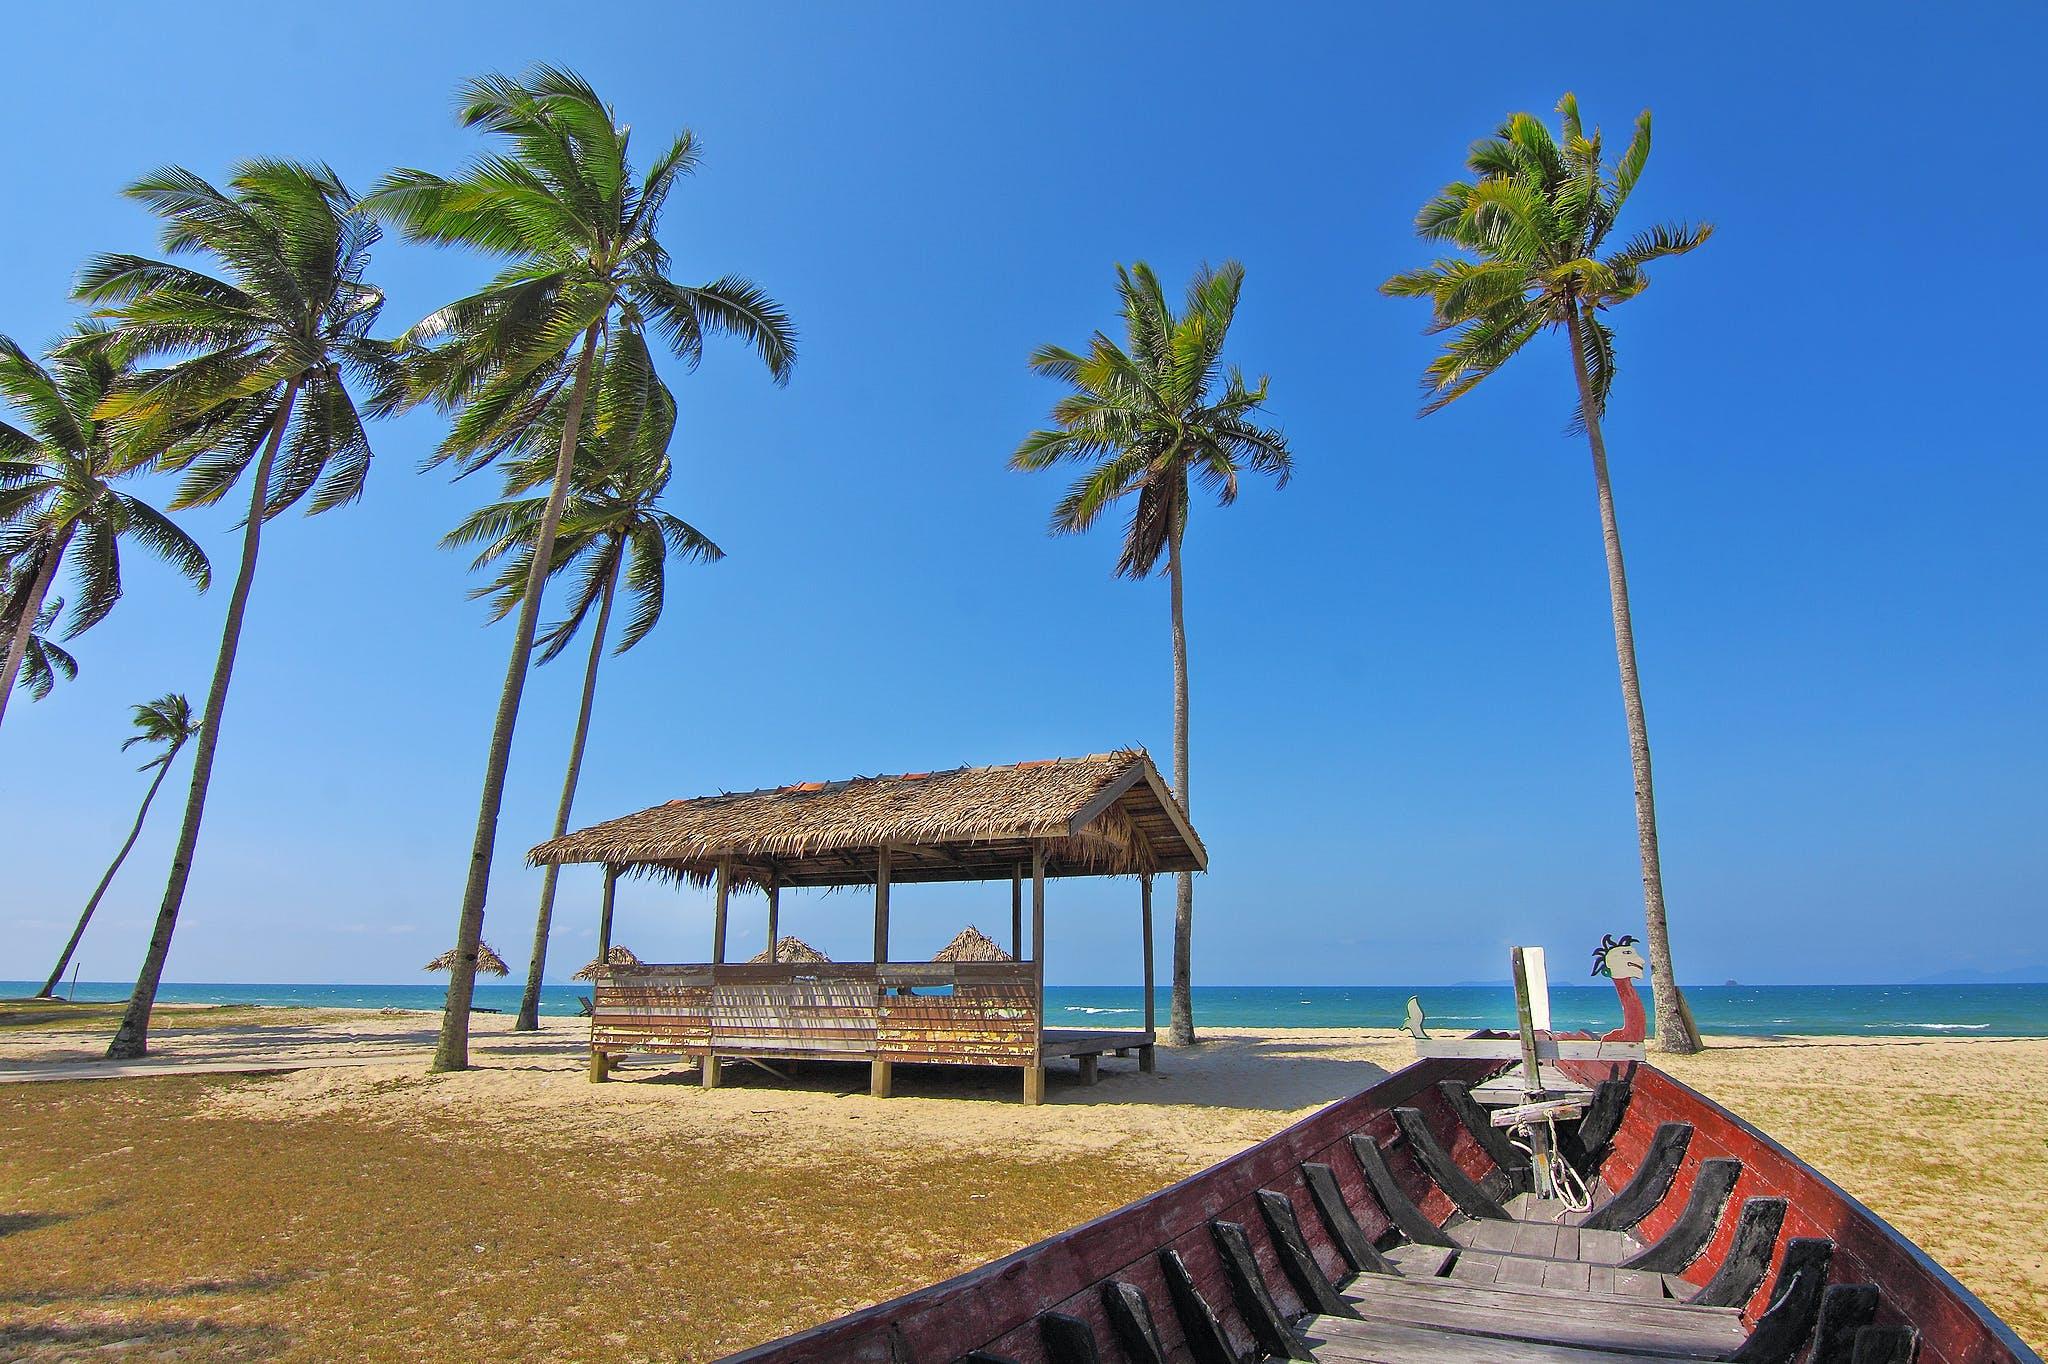 Fotos de stock gratuitas de agua, arena, barca, cabaña